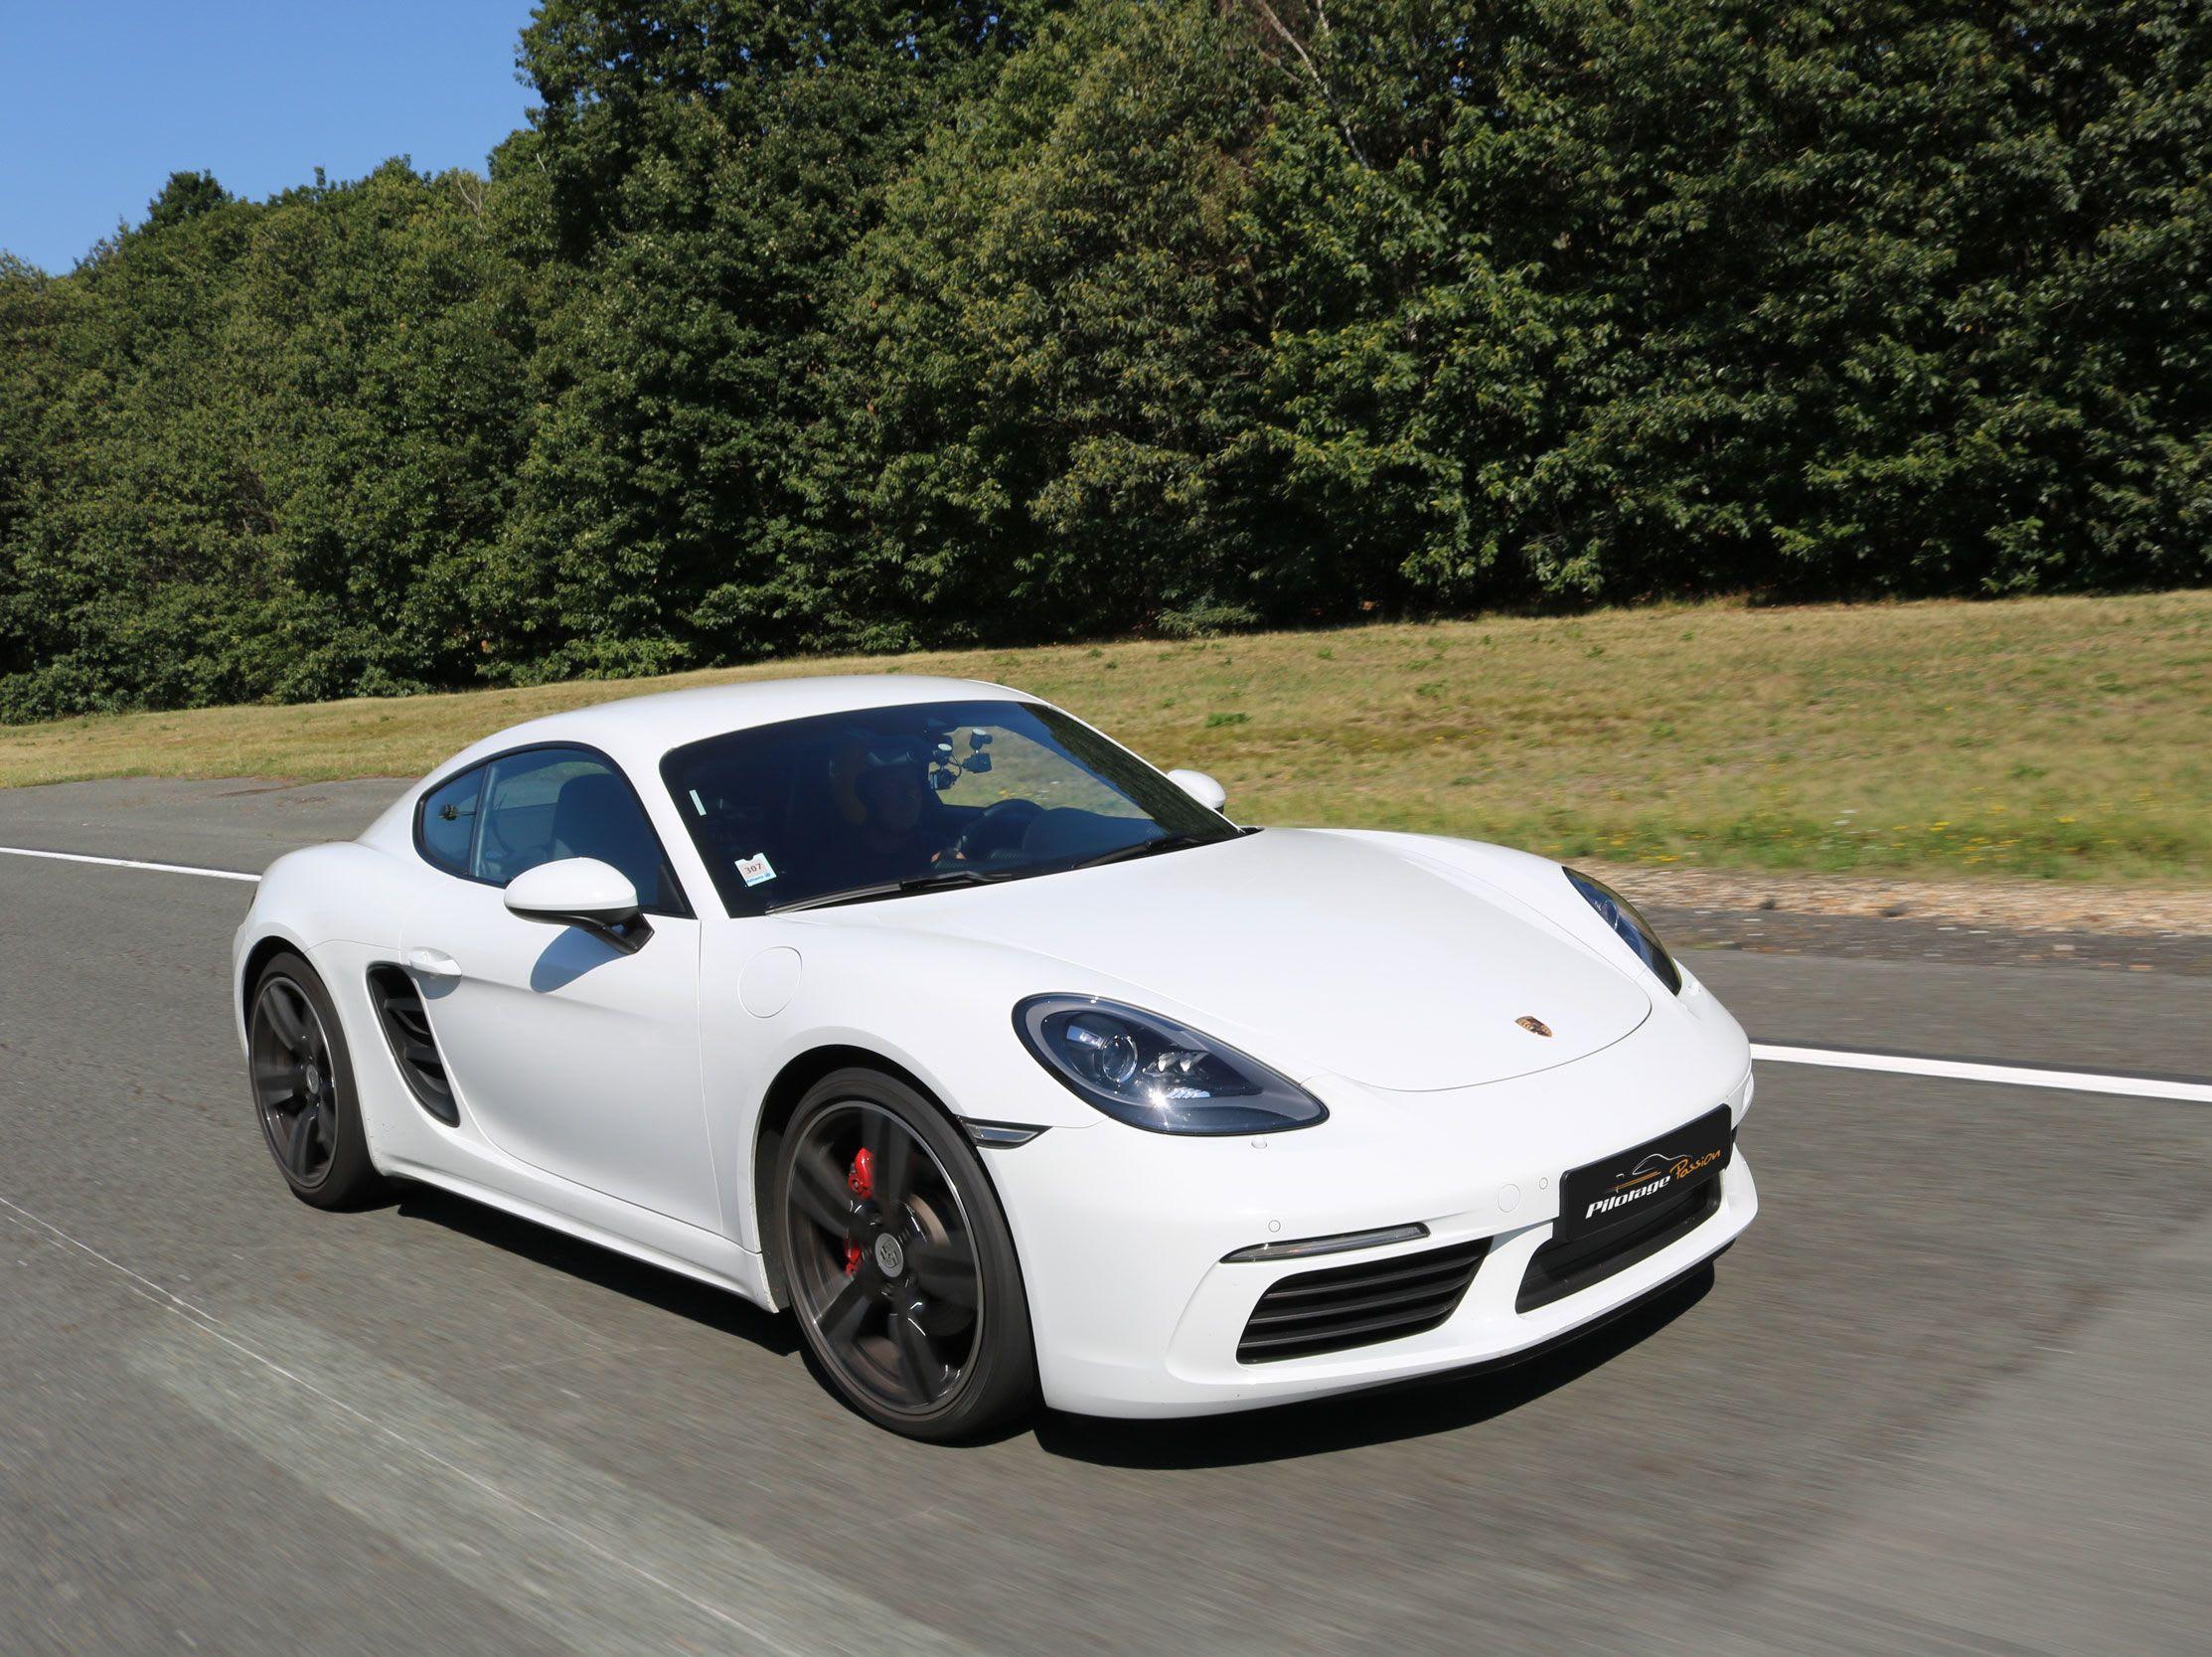 voiture blanche de course sur une piste